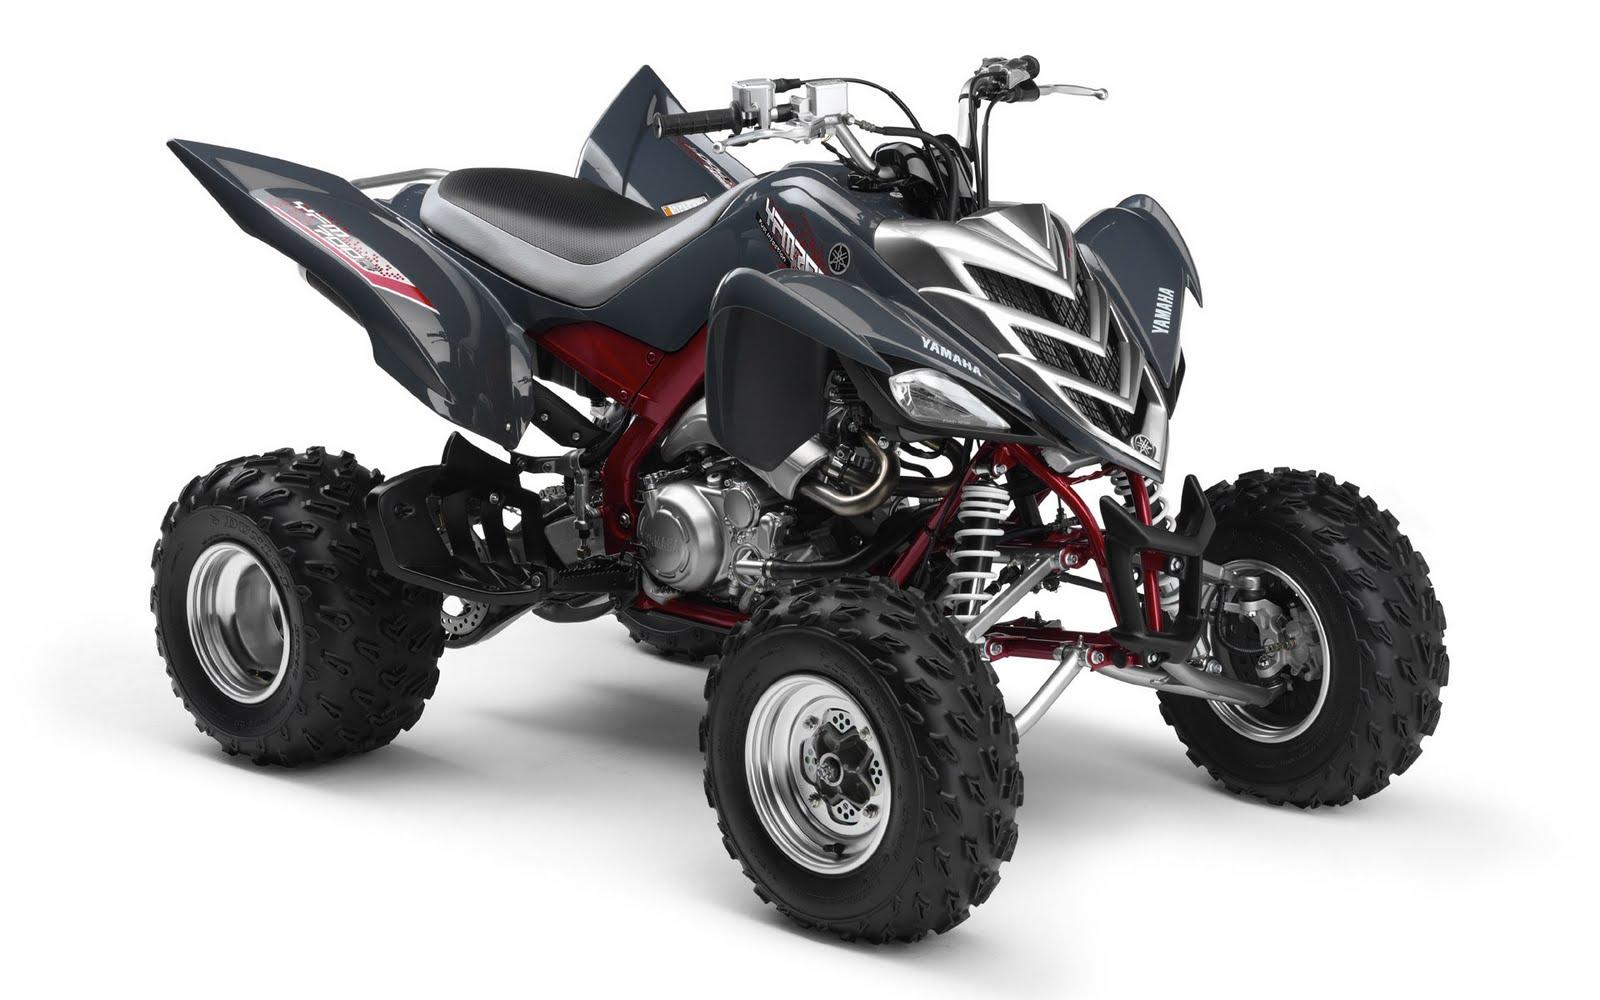 Yamaha ATV wallpapers 1600x1000